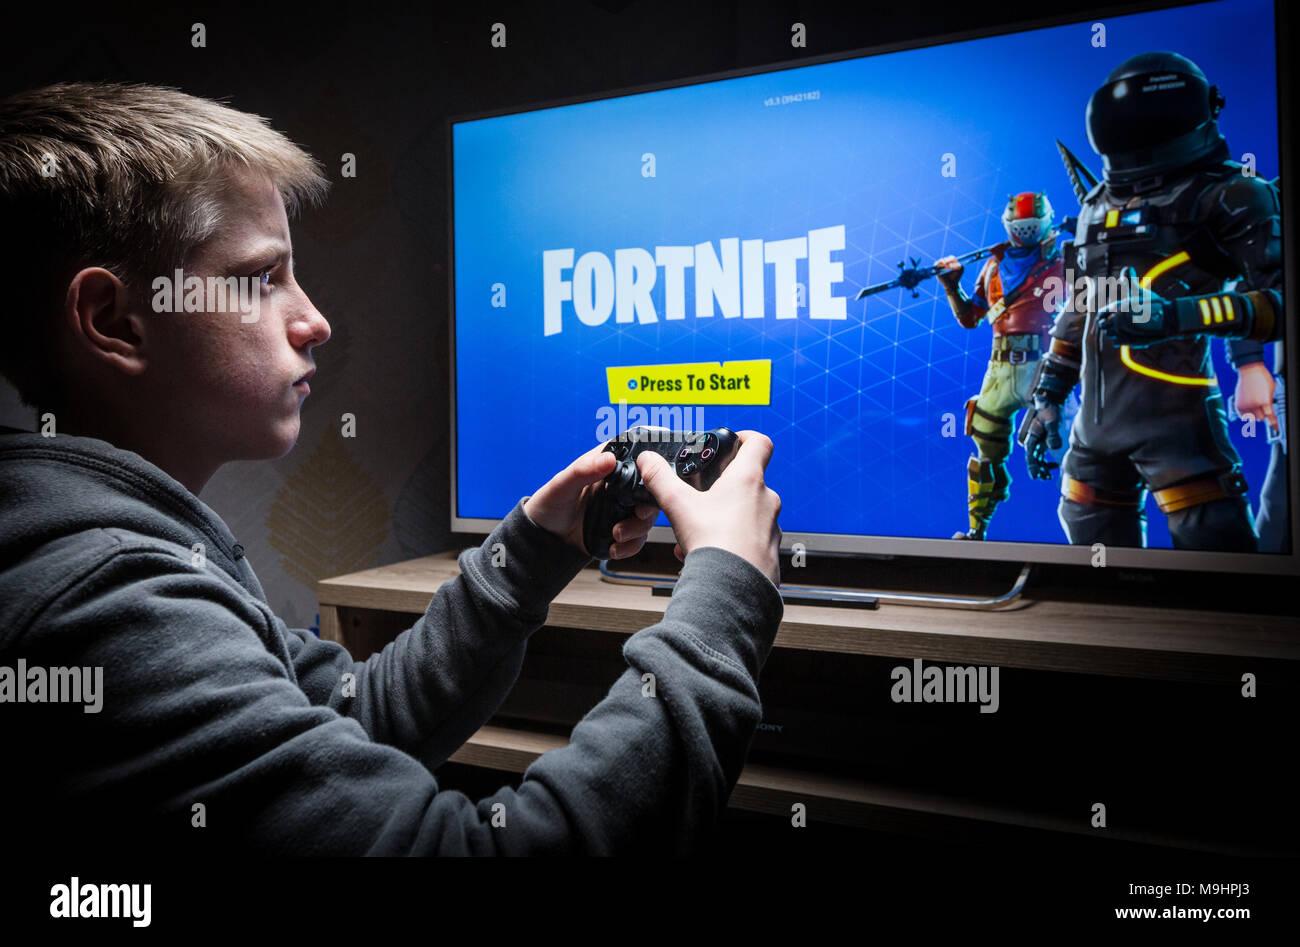 Adolescente Jugando En Una Playstation 4 Fortnite Foto Imagen De